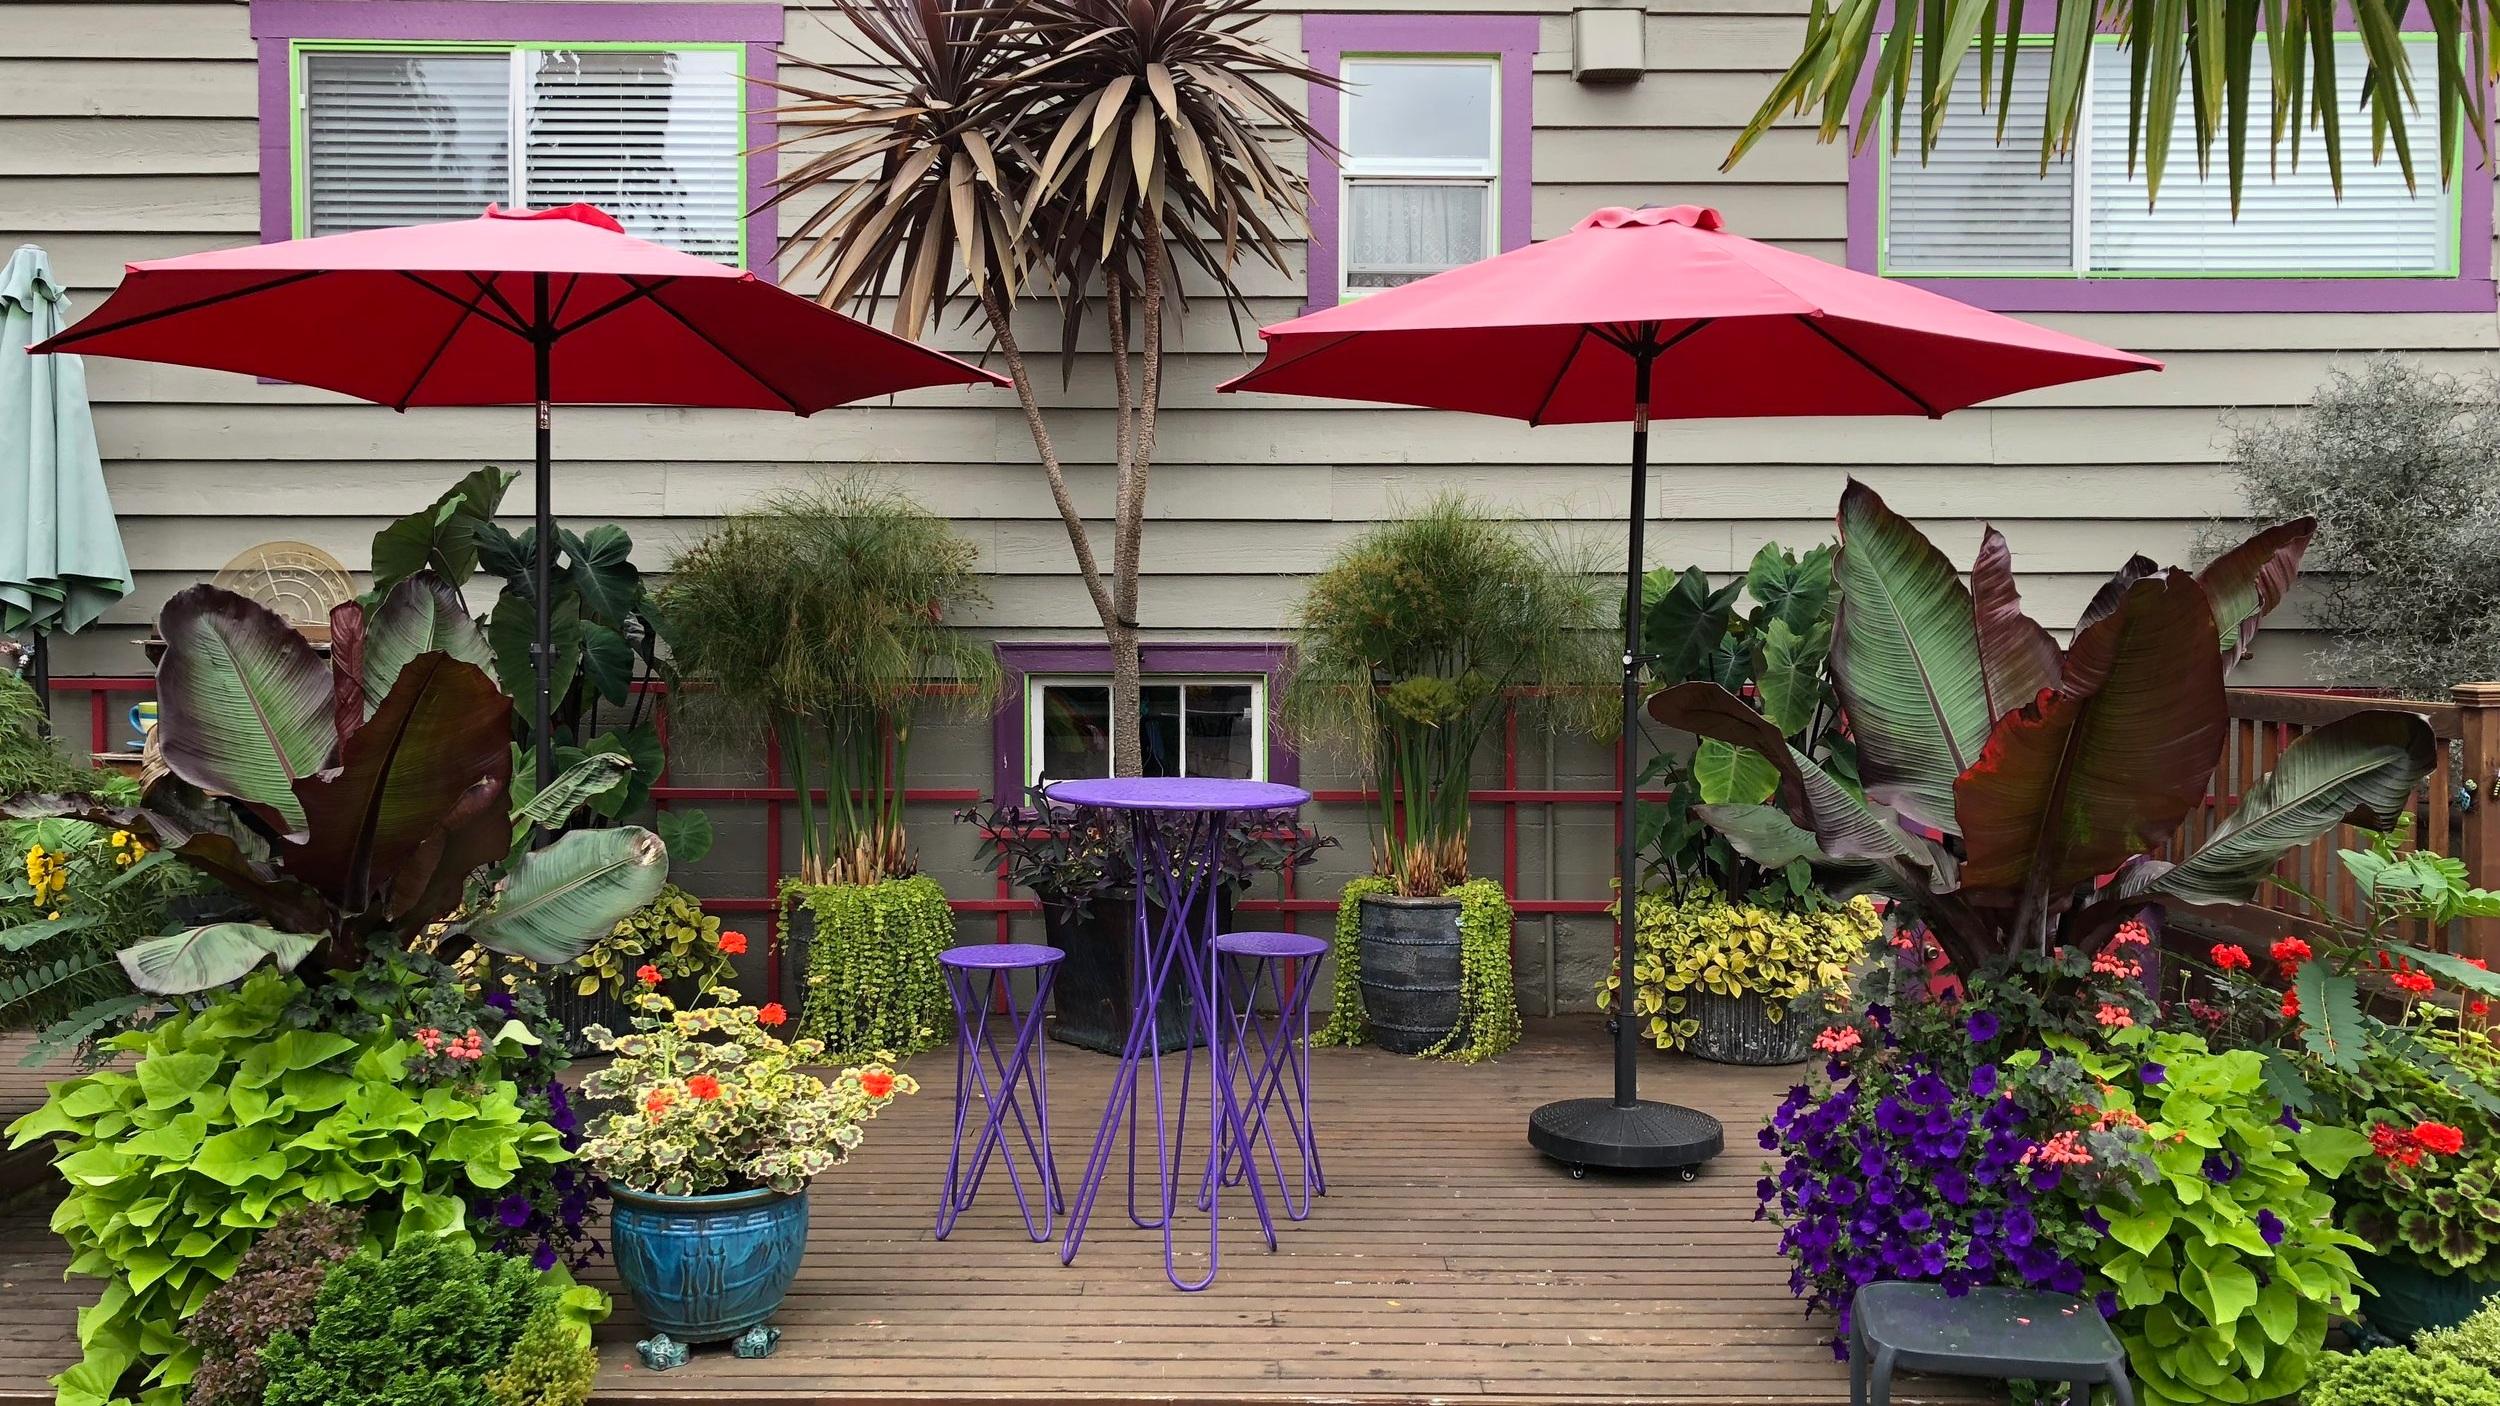 Steve%27s+tropical+patio+copy.jpg